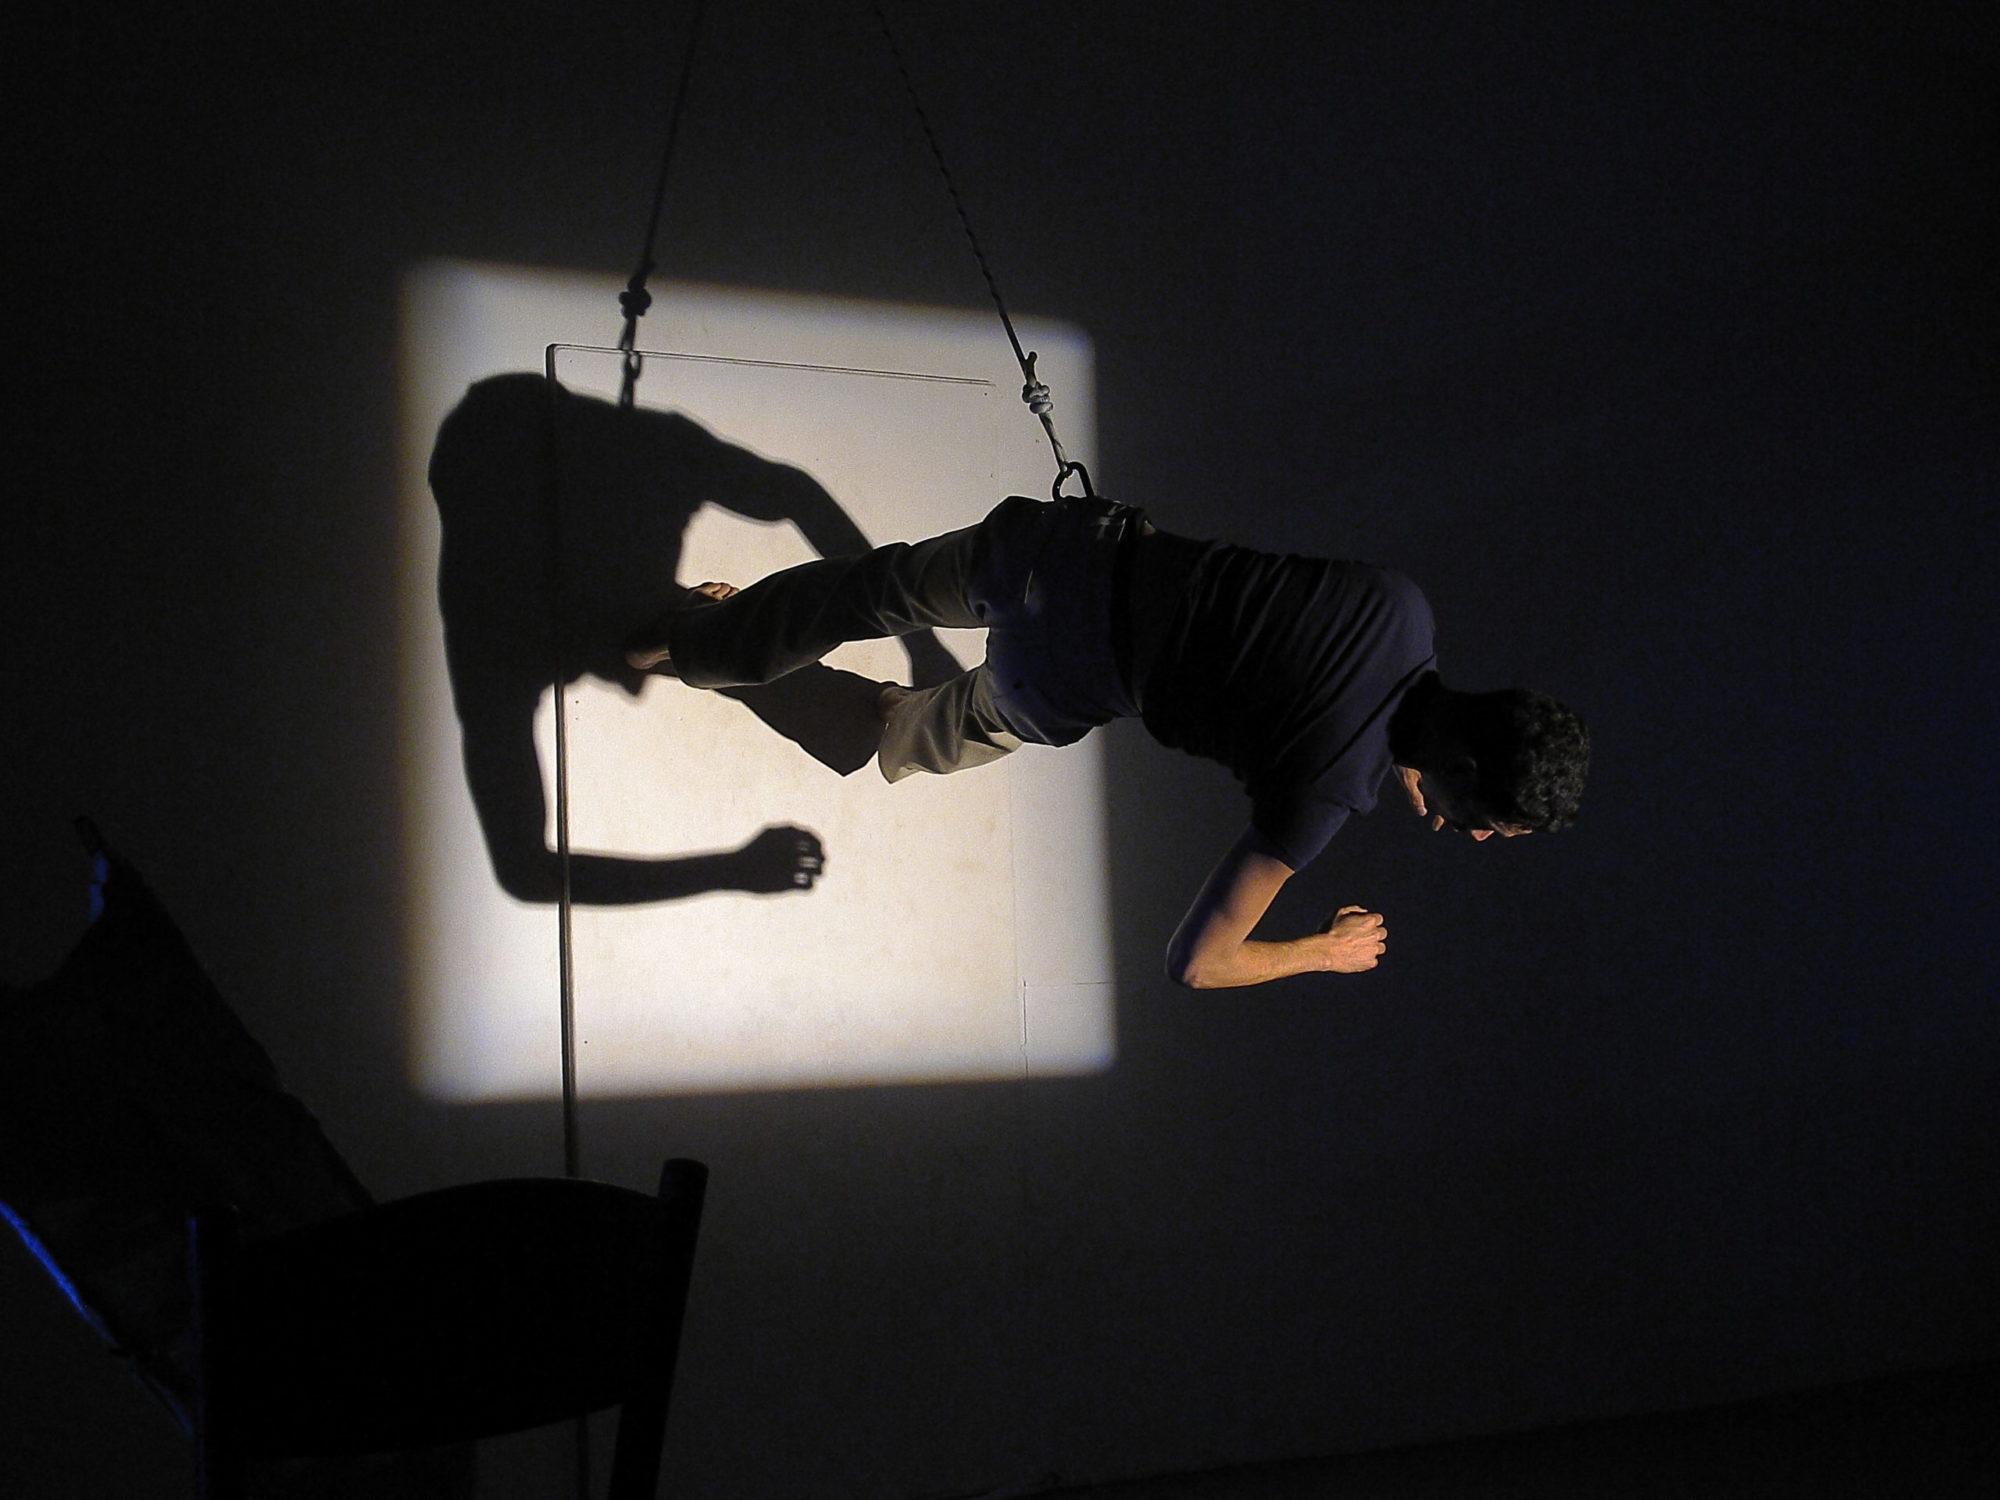 Luftdanza - Aerial Art